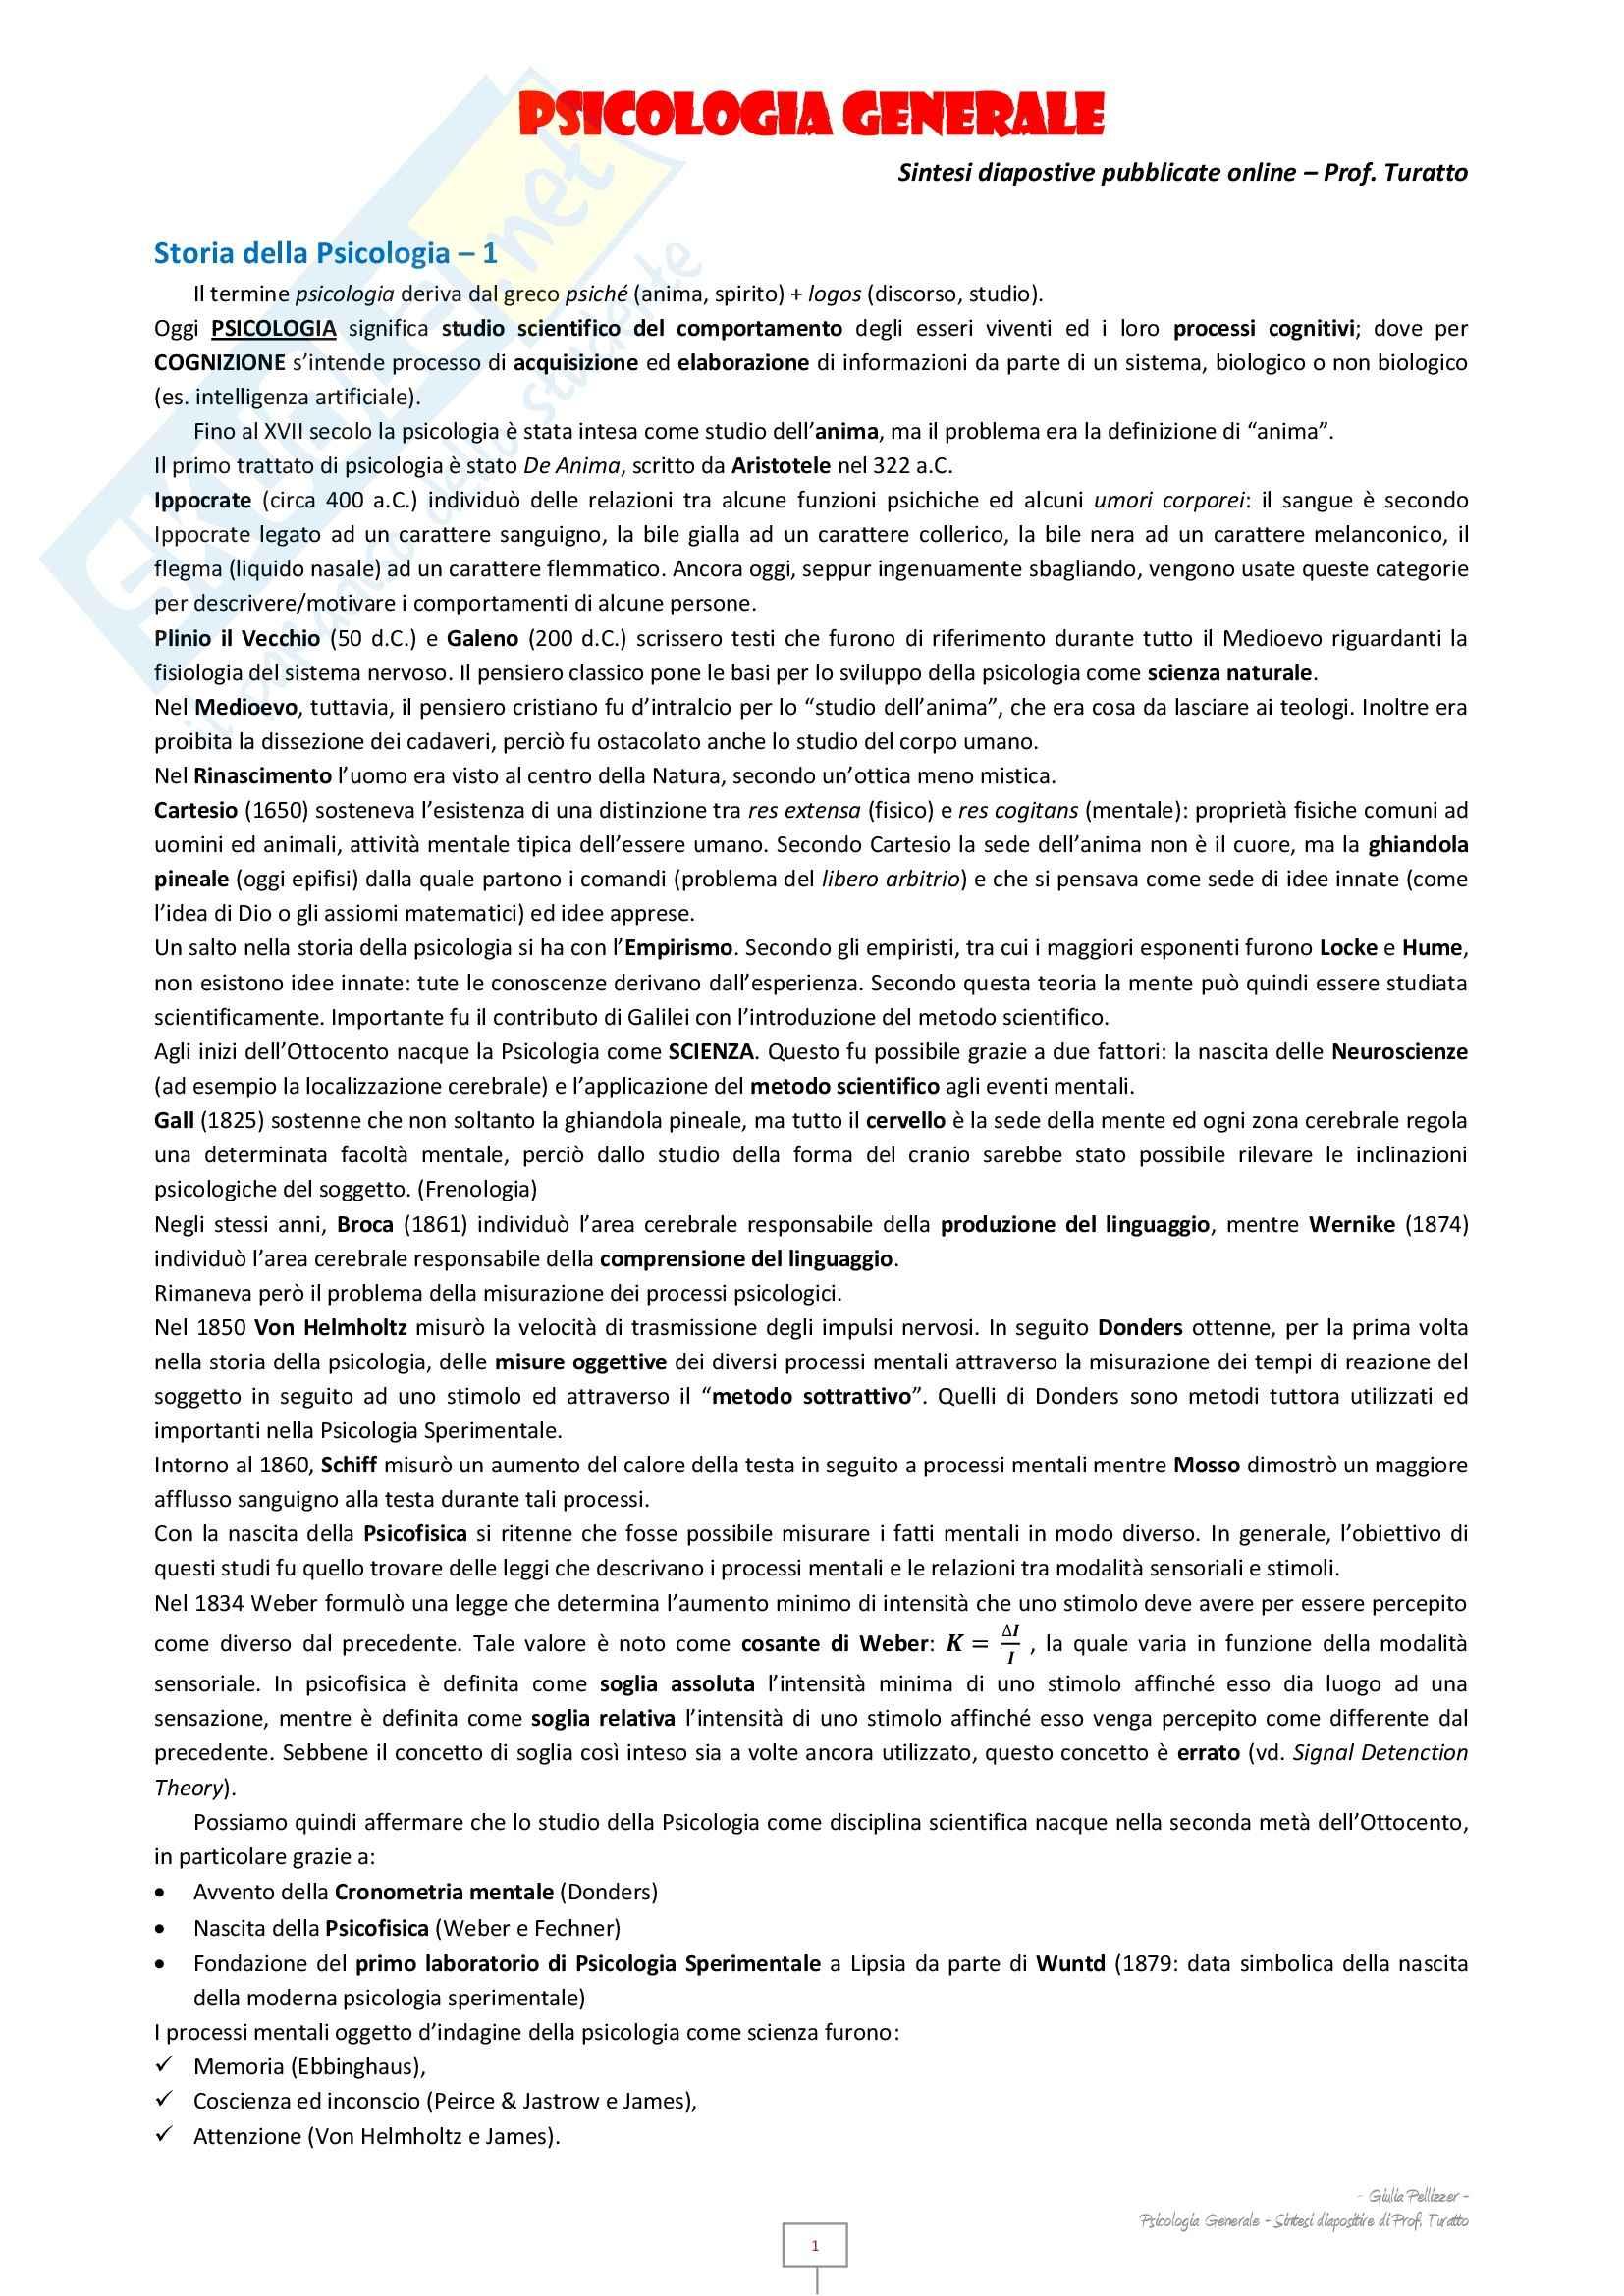 Psicologia generale - Appunti